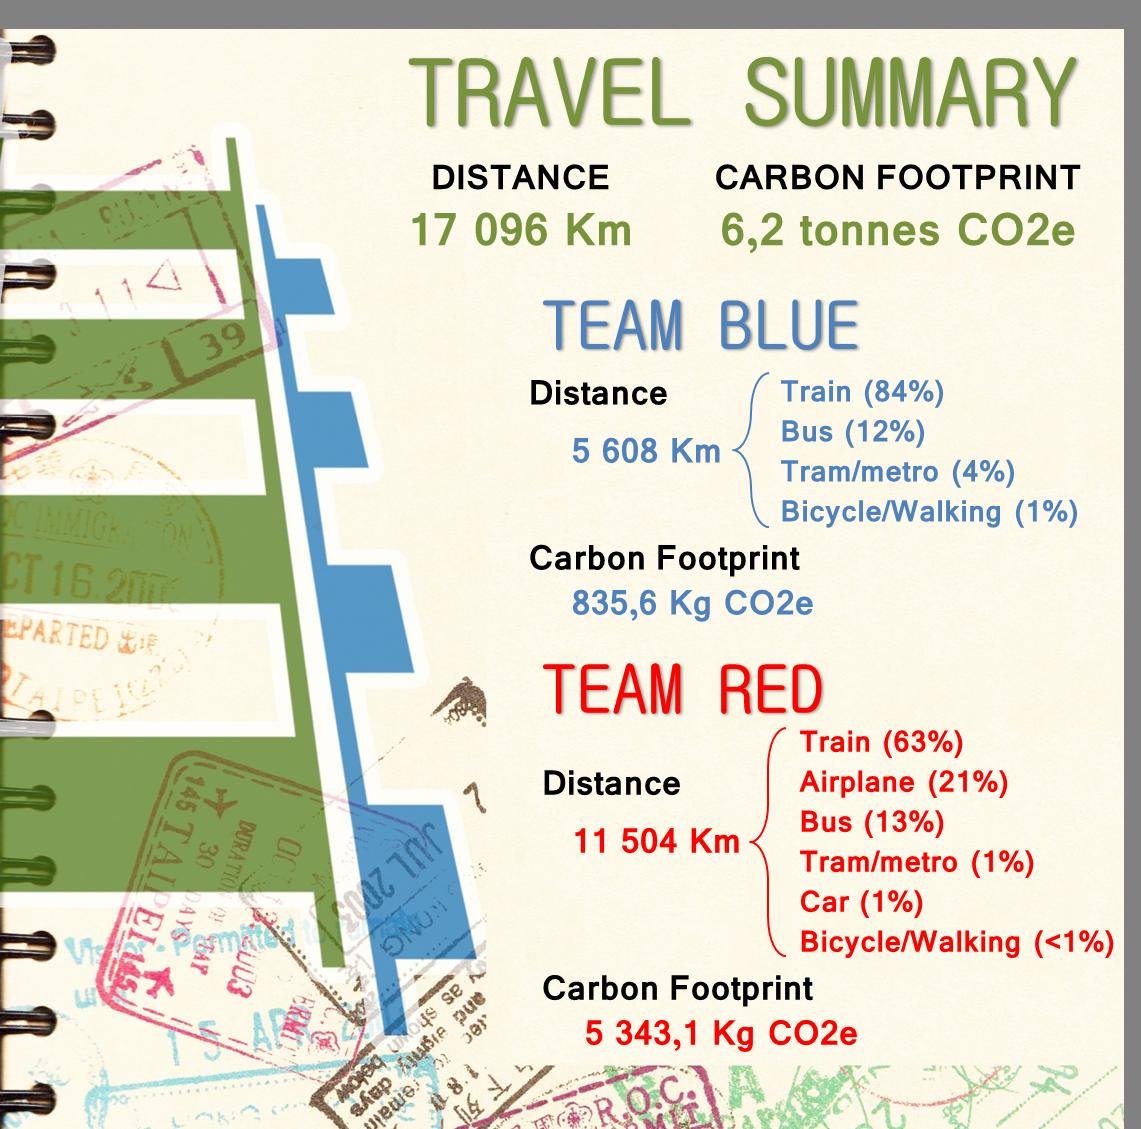 Carbon Footprint - Final